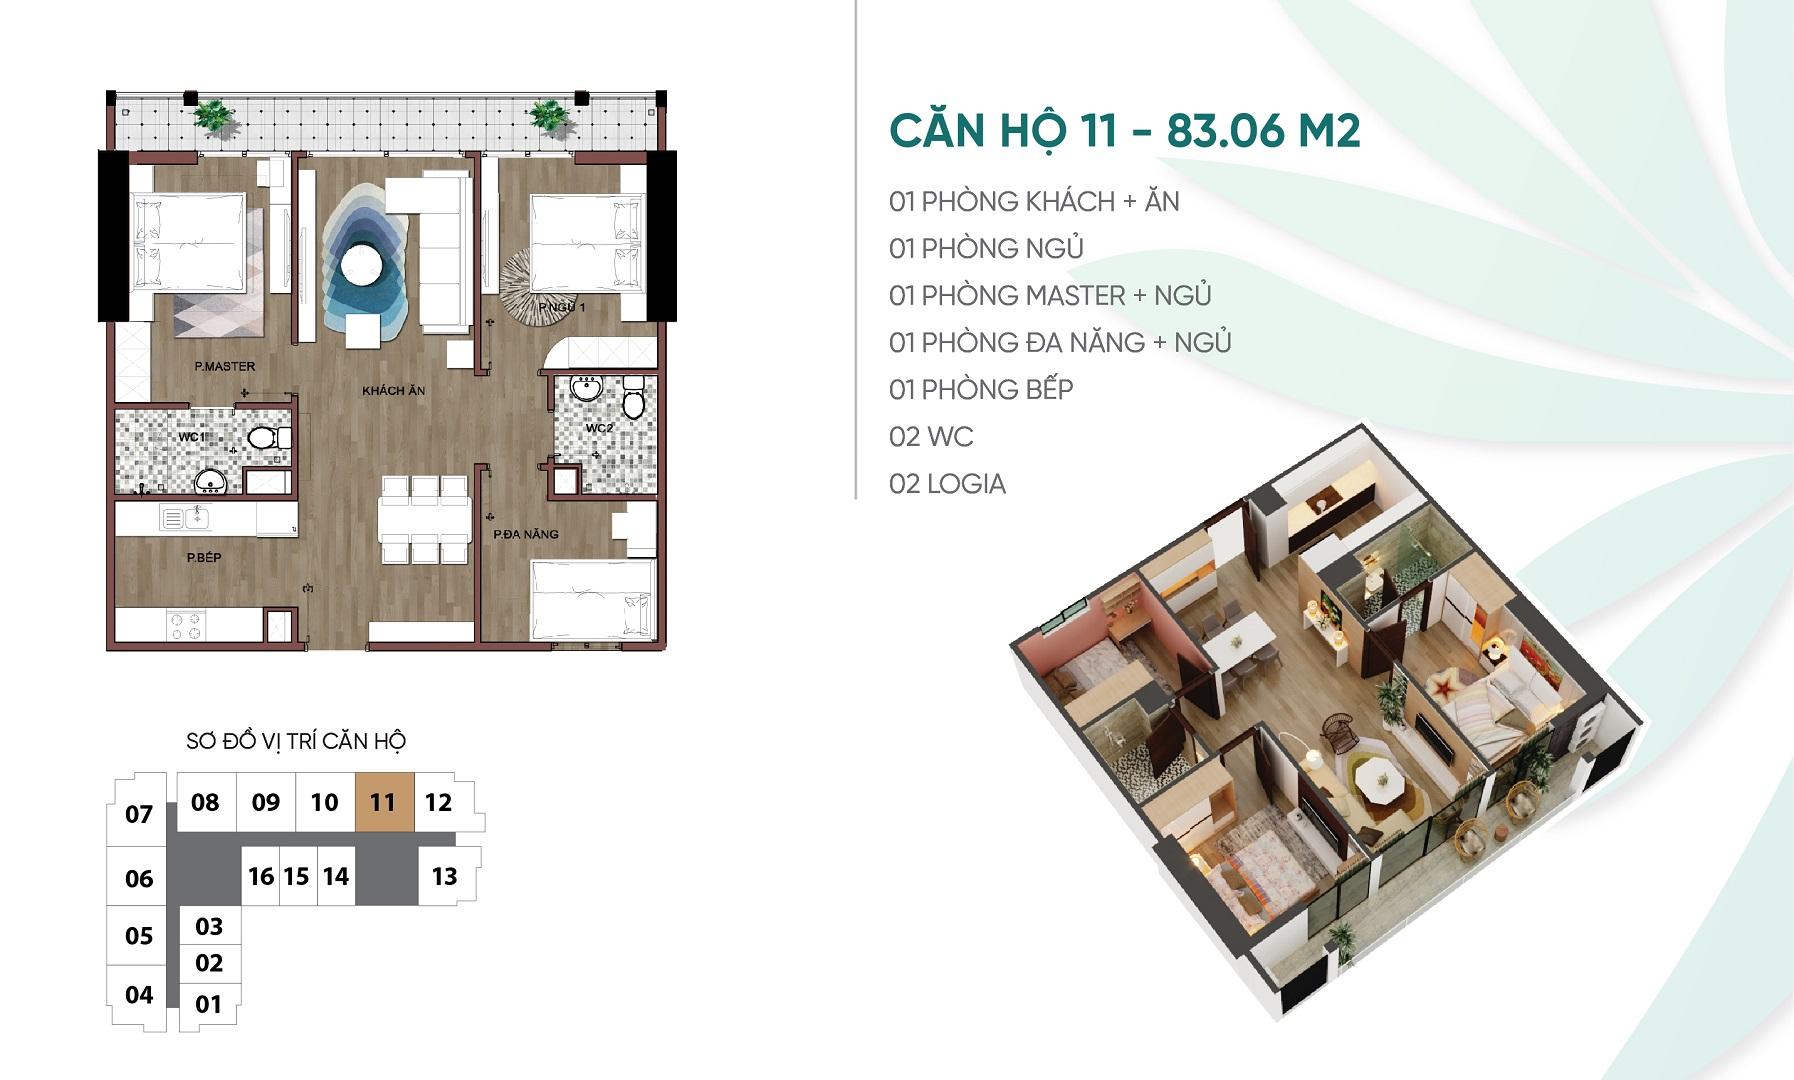 thiết kế căn hộ 11 dự án an bình plaza